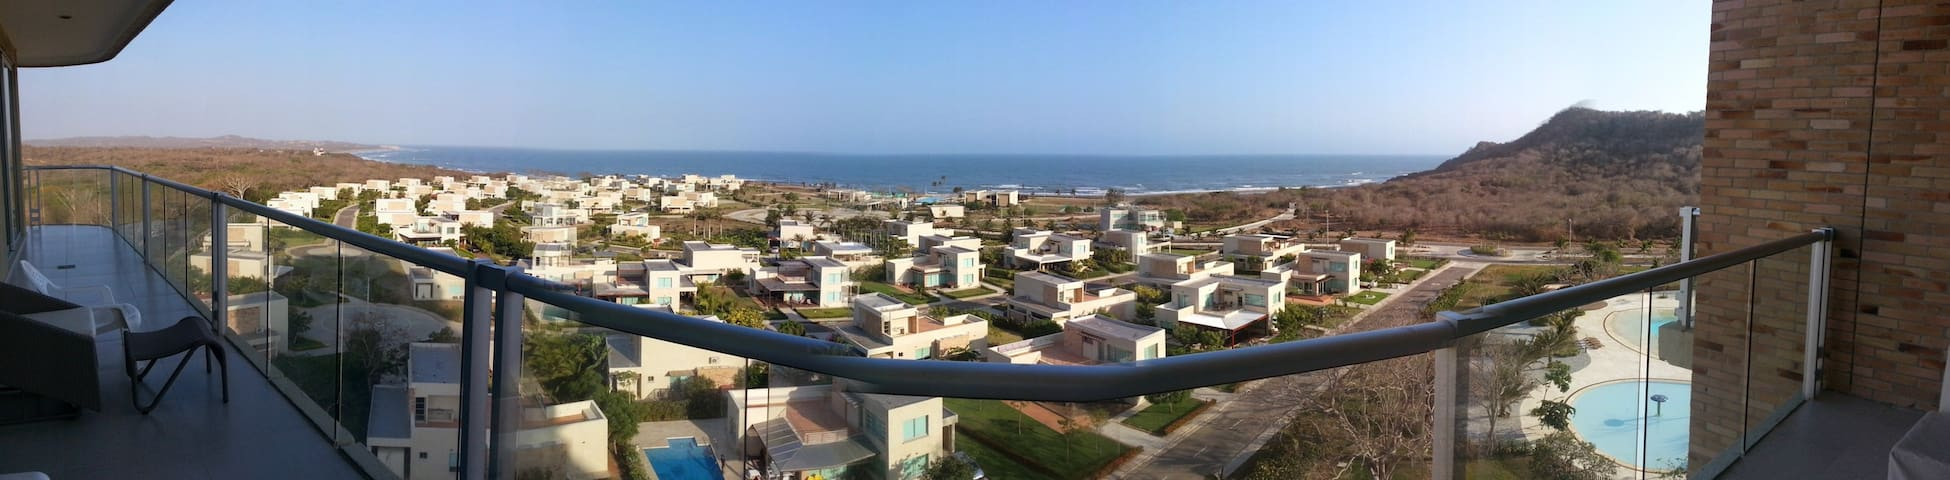 Bello apartamento junto al Mar - Atlantico - Apartment